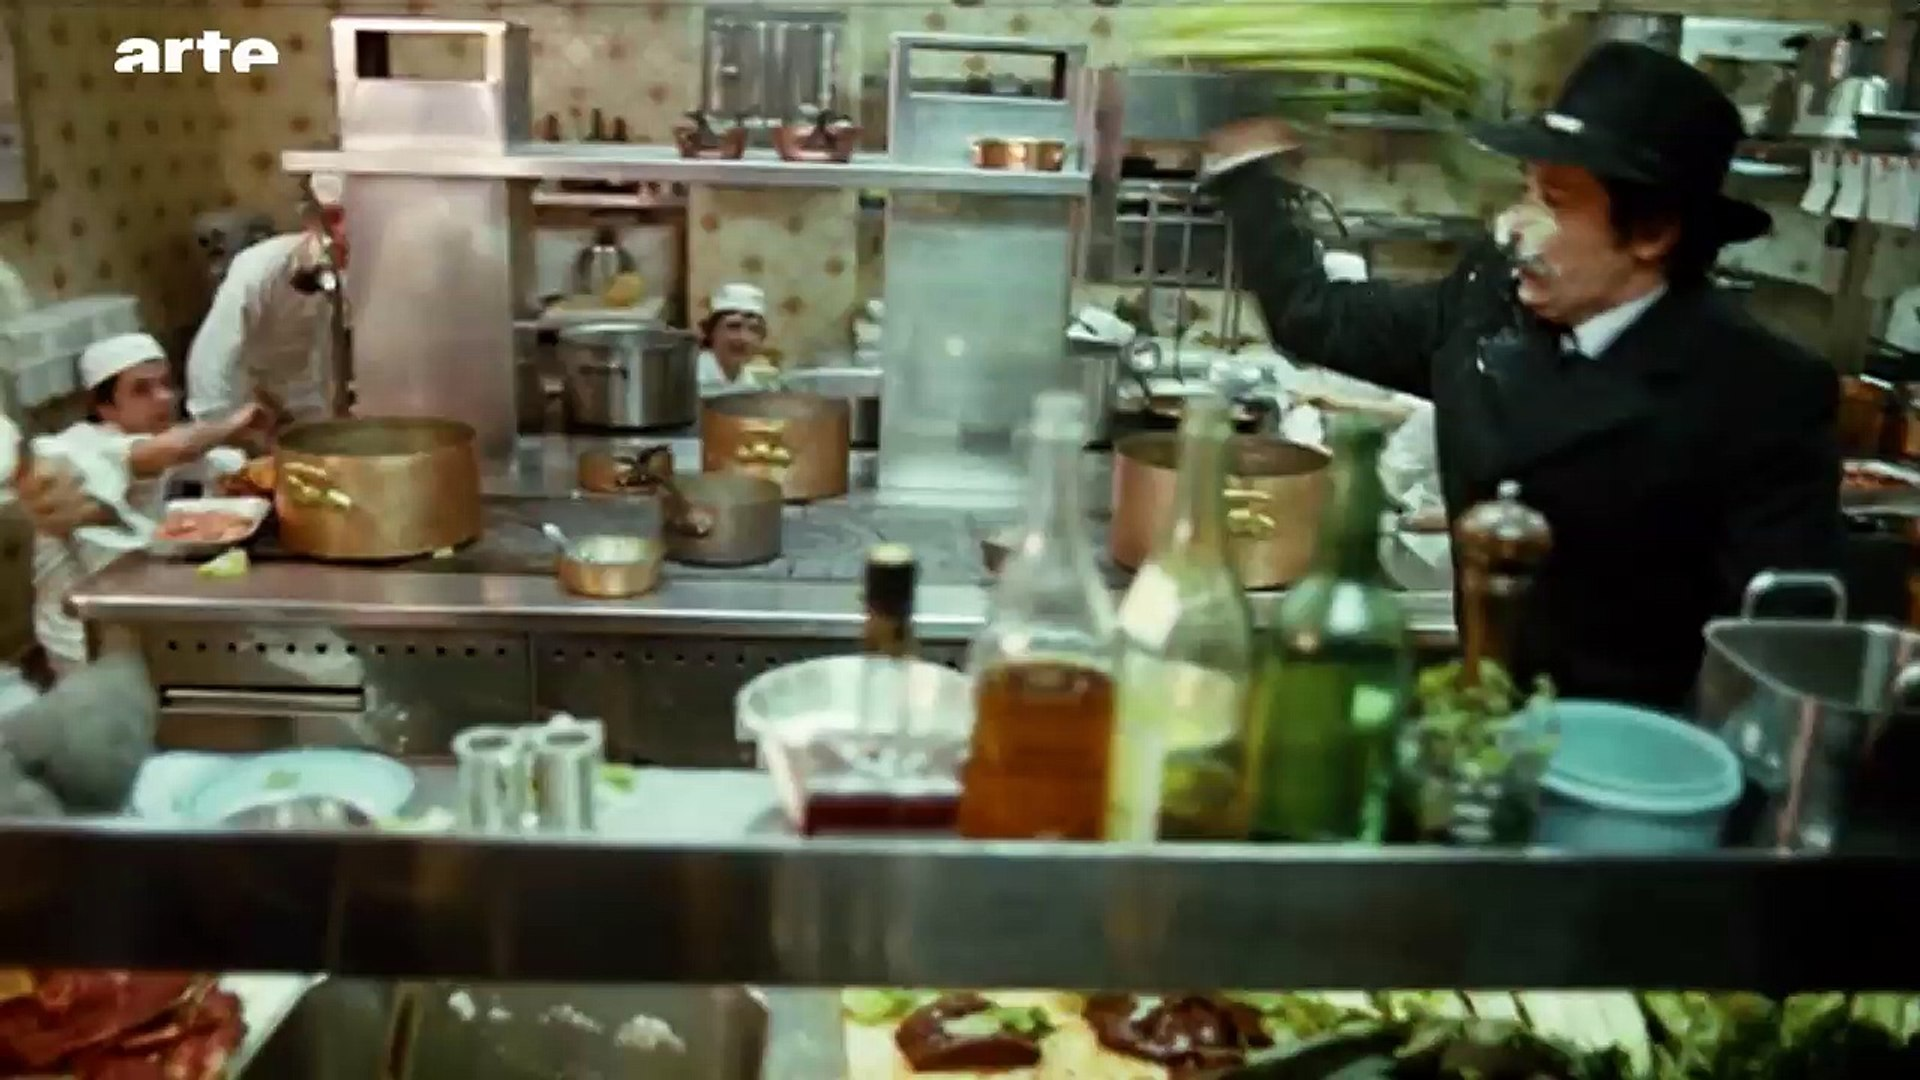 La Cuisine au cinéma - Blow up - ARTE